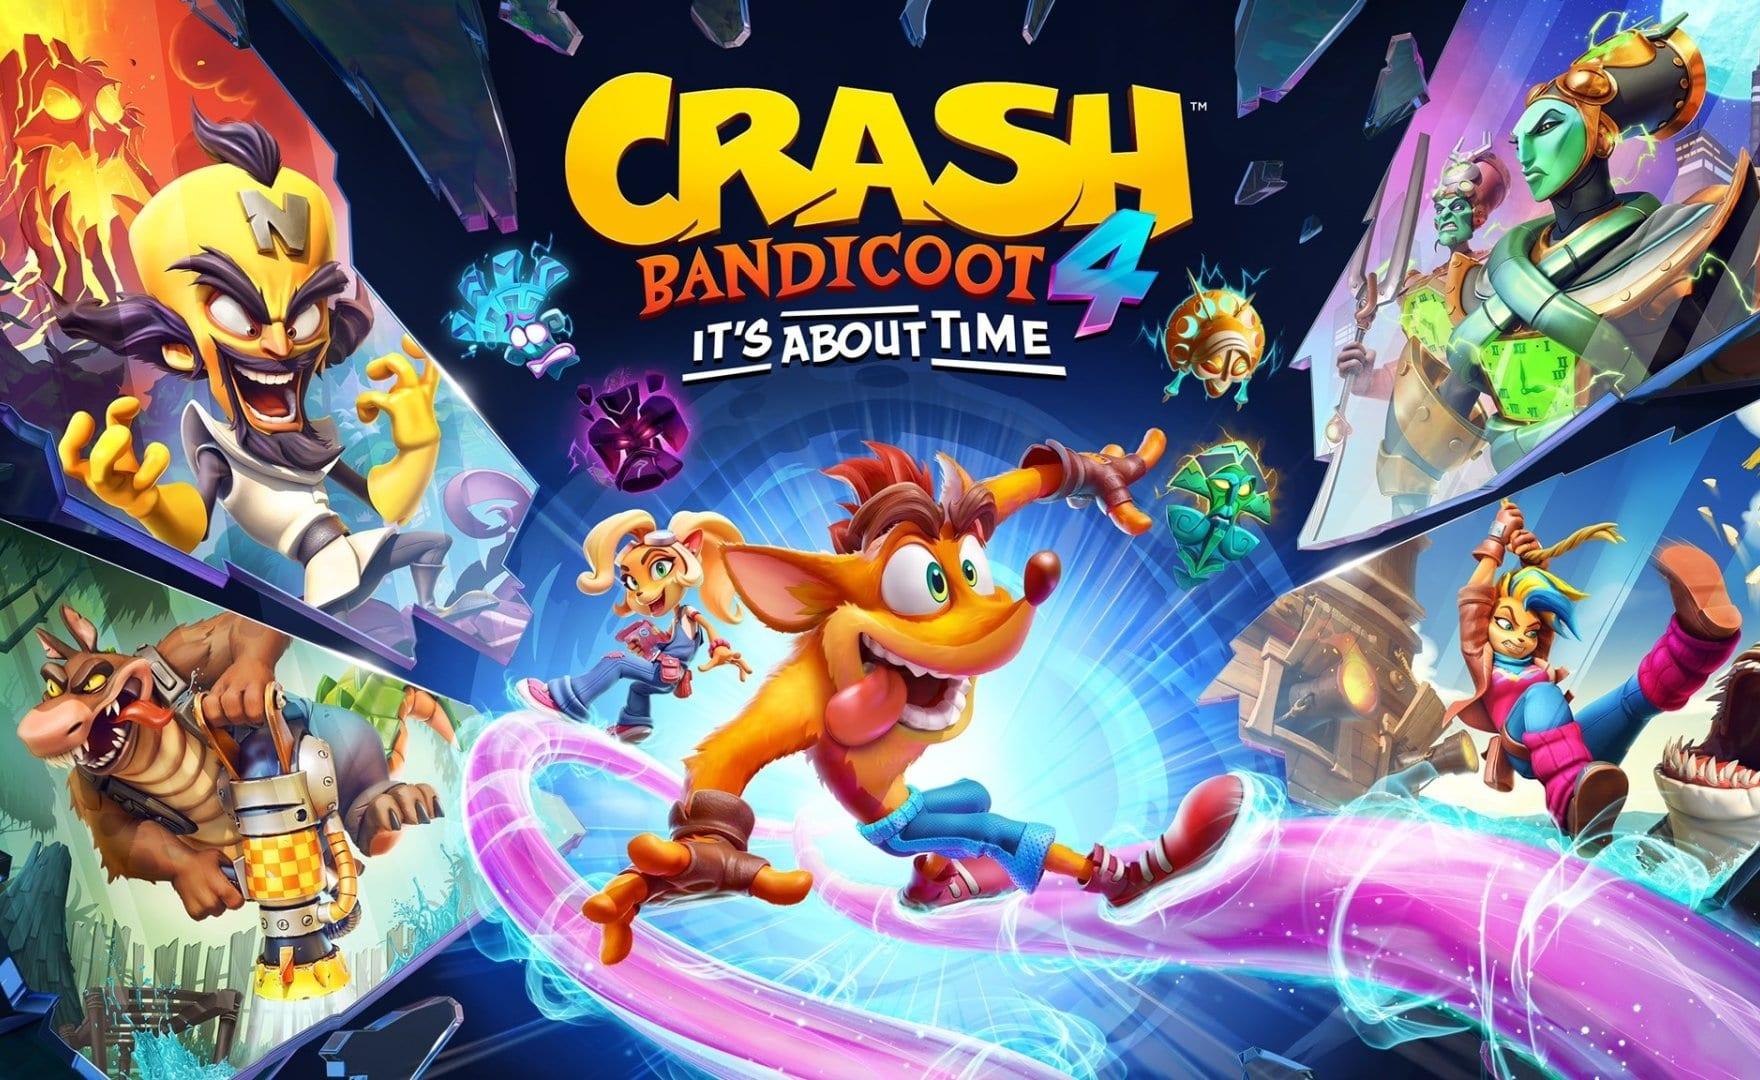 Crash Bandicoot 4, niente rete? Su PC non si gioca